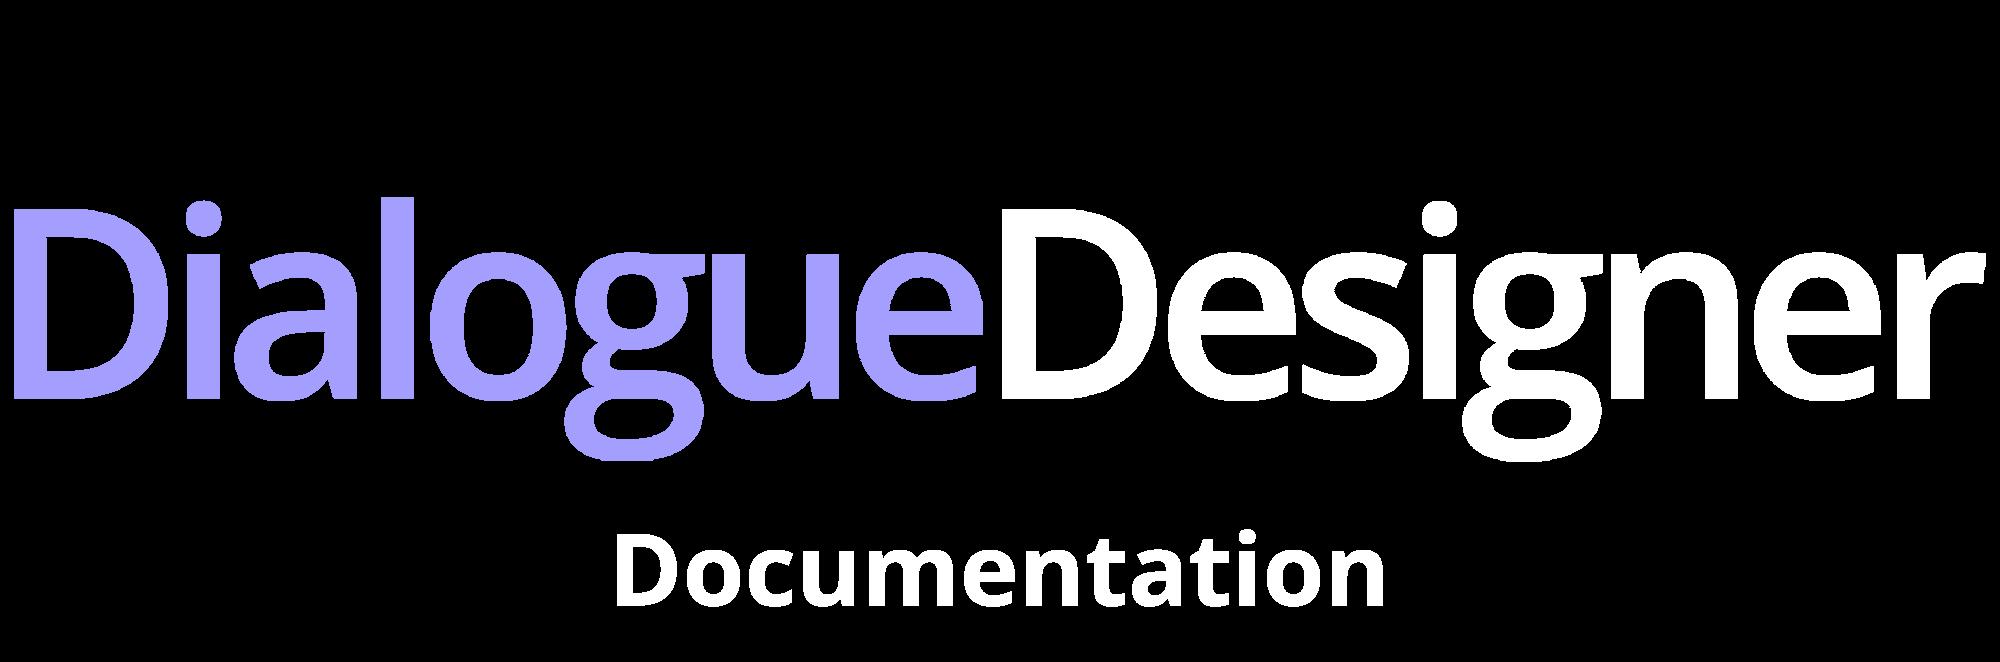 Dialogue Designer - documentation